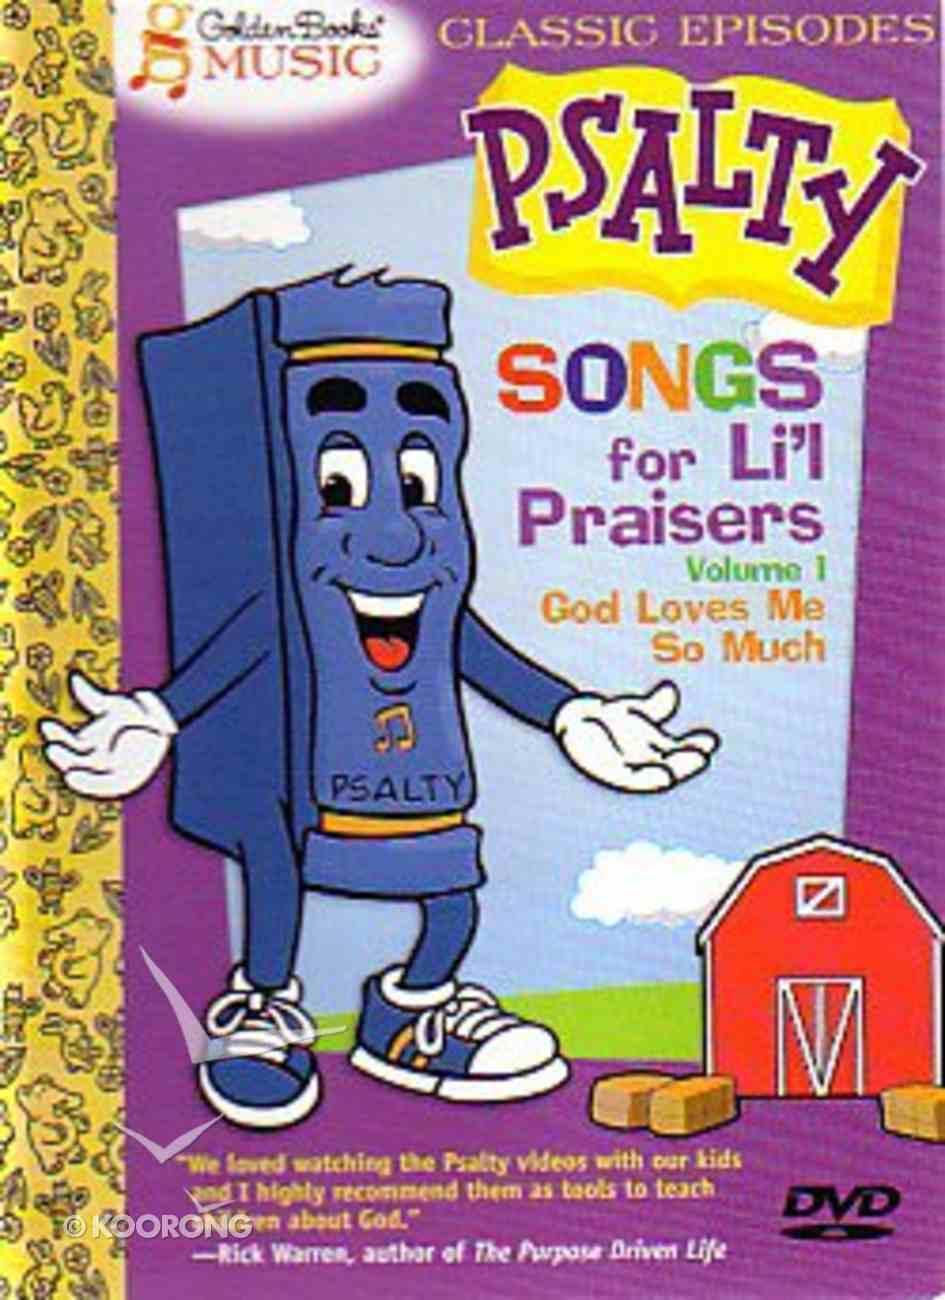 Psalty's Songs For Lil' Praisers Volume 1 DVD